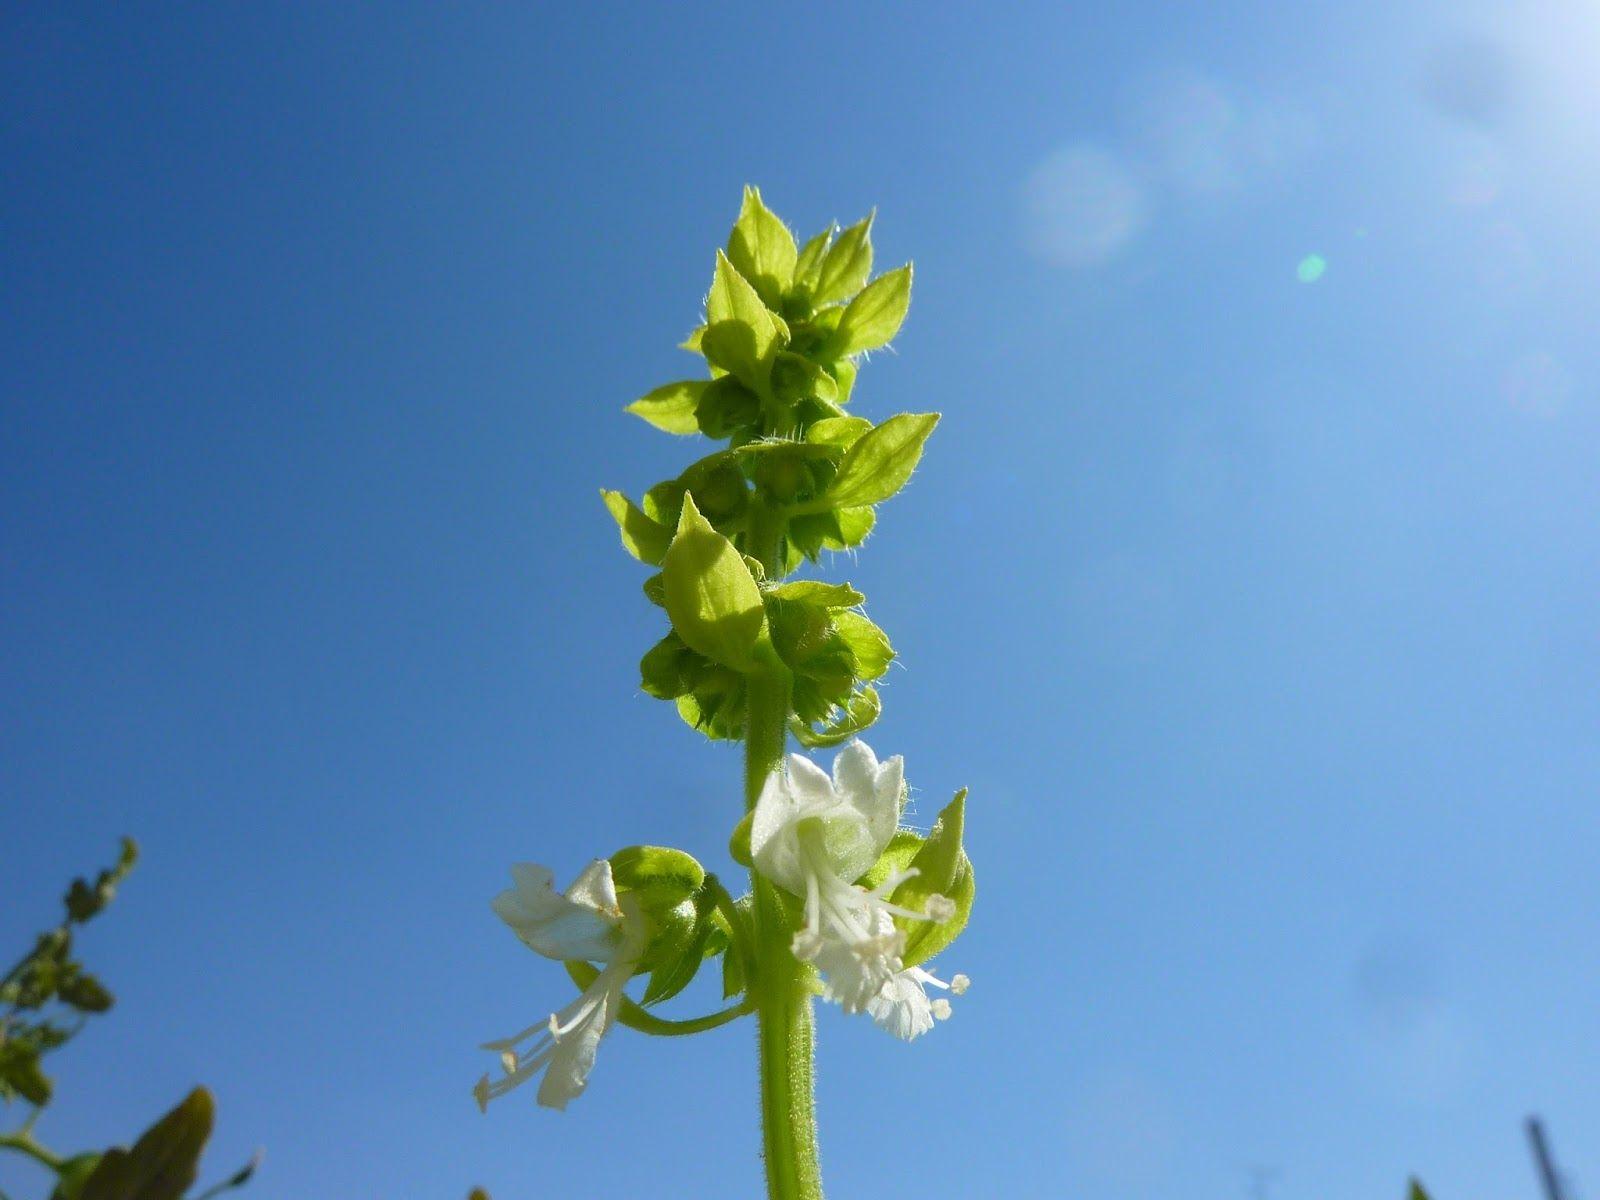 albahaca / Ocimum basilicum